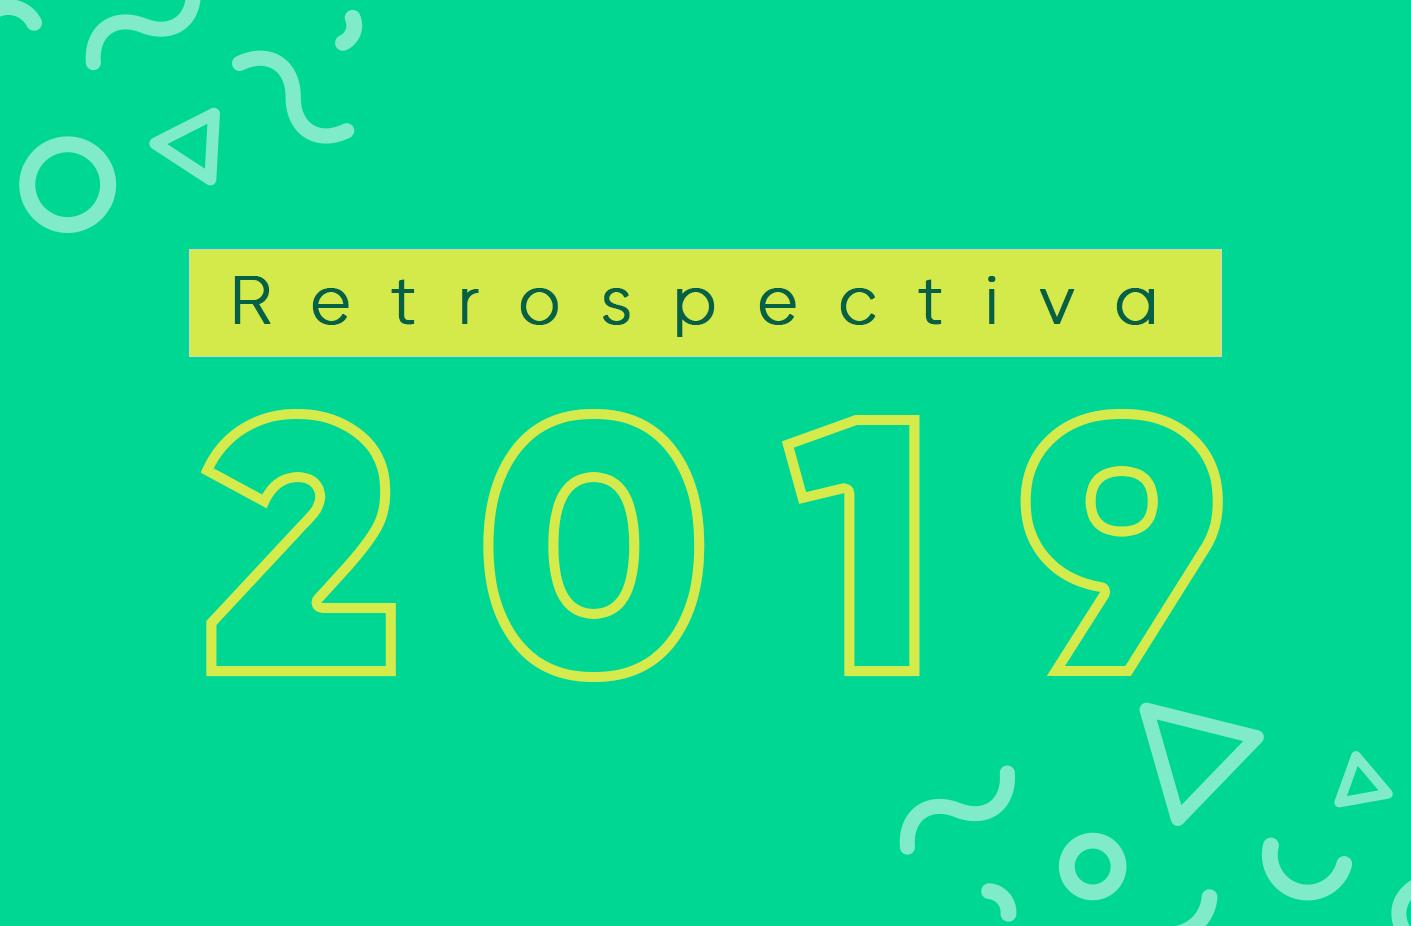 Retrospectiva 2019 no E-commerce e novas oportunidades para 2020